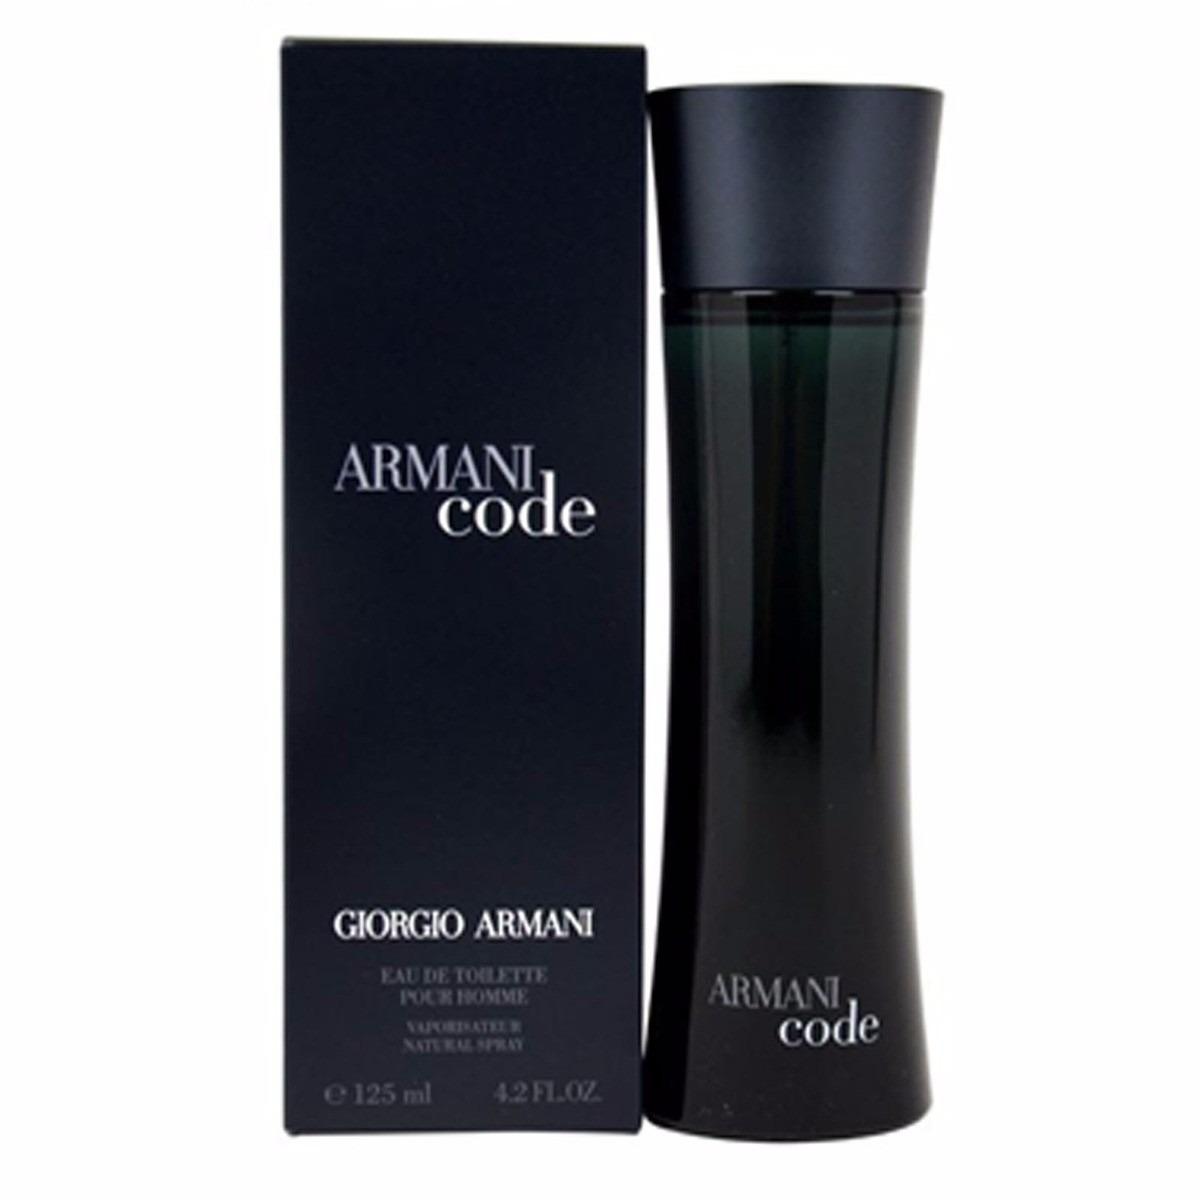 0a35f1a0439 Perfume Armani Code Masculino 125ml Giorgio Armani- Original - R ...